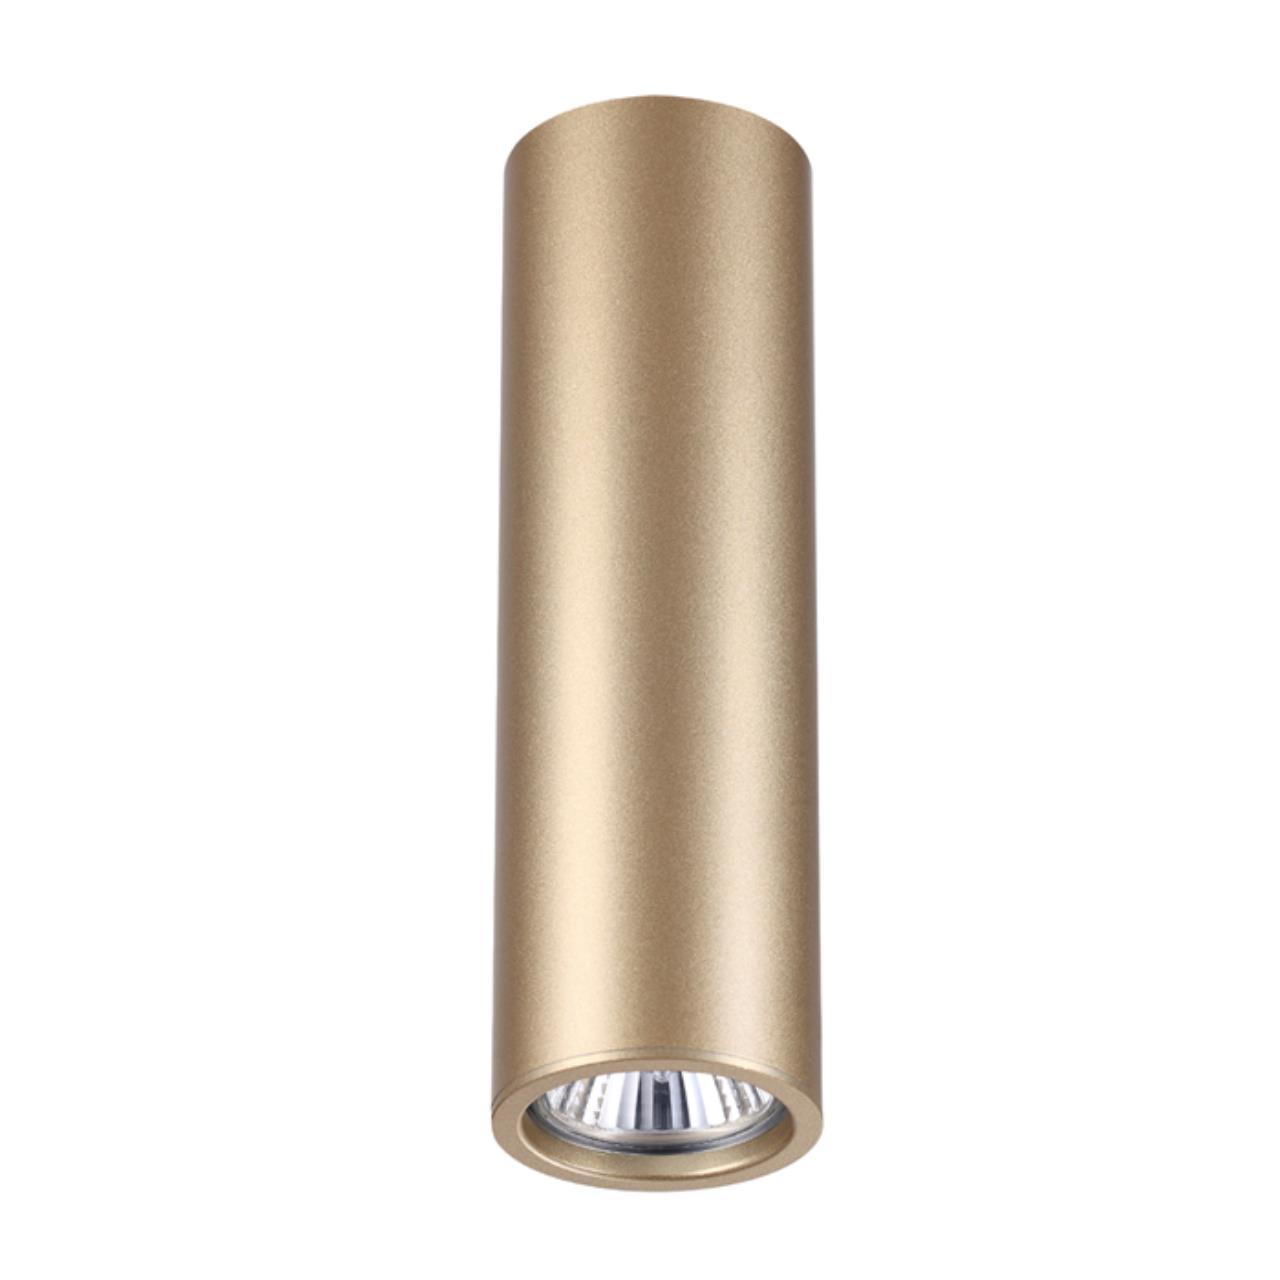 3828/1C HIGHTECH ODL19 209 золотистый/металл Подвесной/накладной светильник GU10 1*50W D60хH200-1220